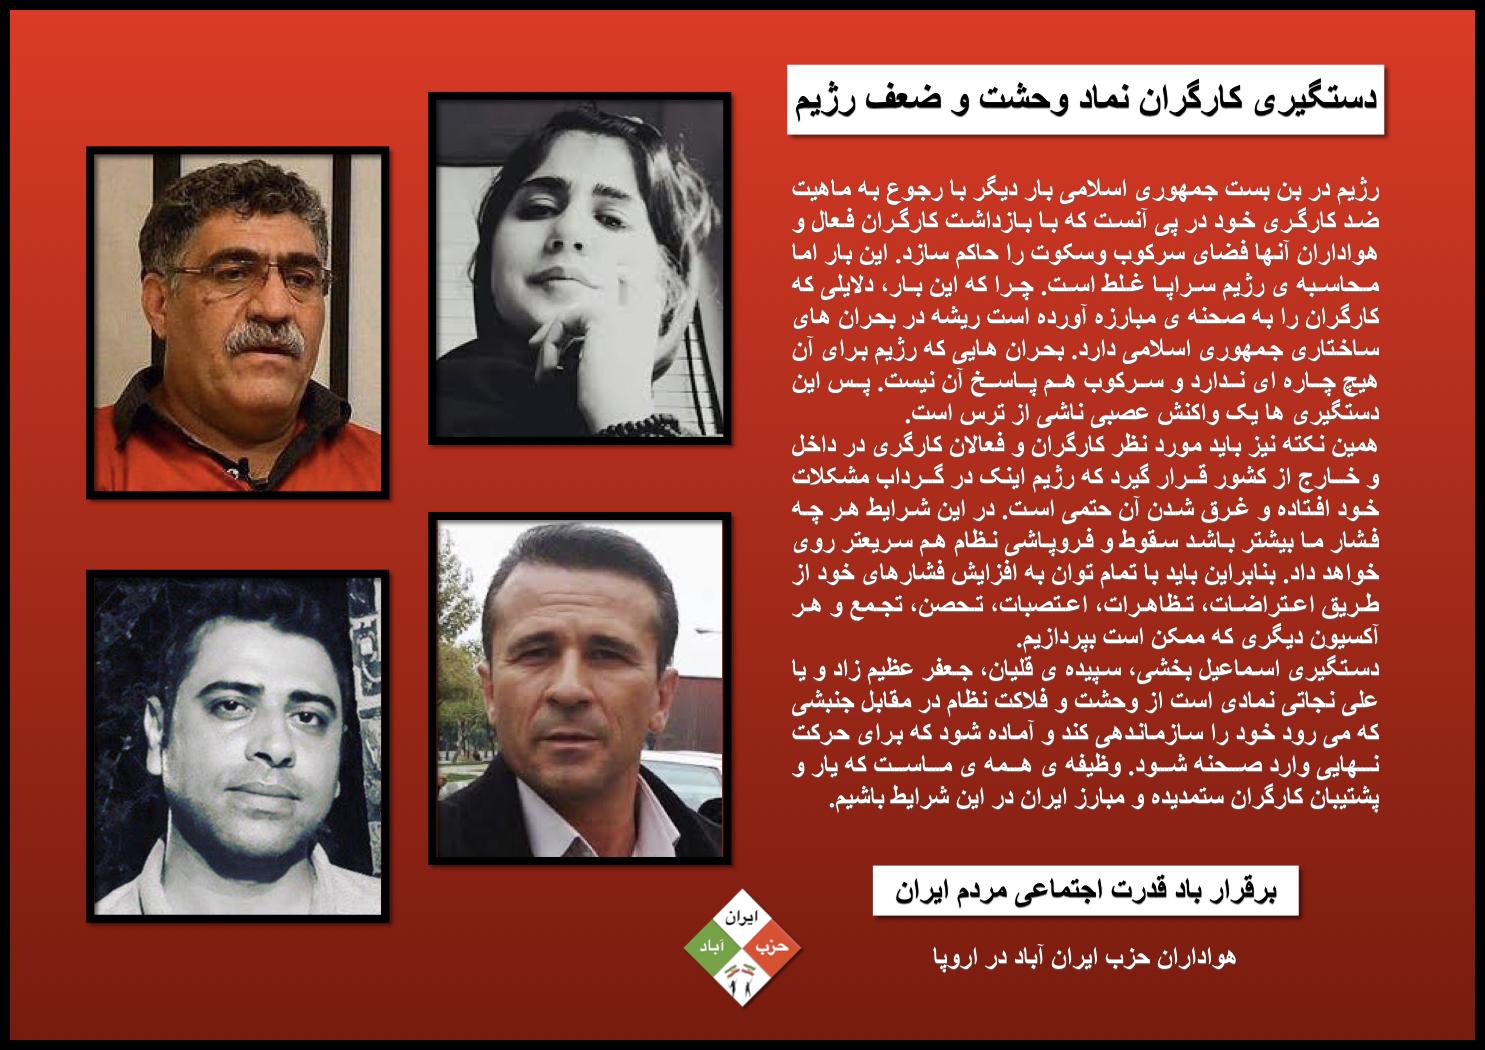 دستگیری کارگران نماد وحشت و ضعف رژیم – هواداران حزب ایران آباد در اروپا